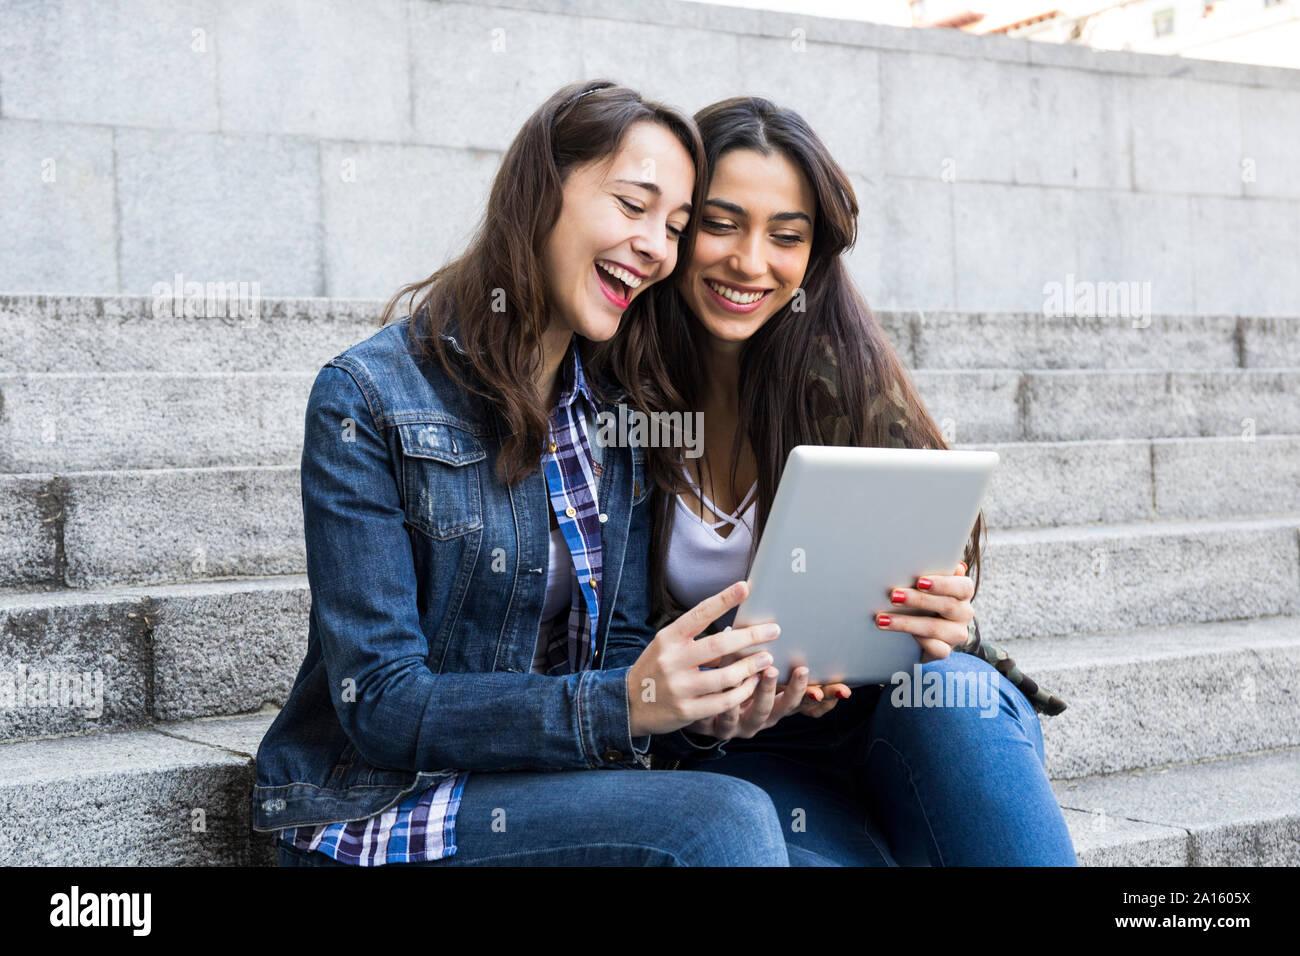 Glückliche junge Frauen beobachten Tablette auf Schritte gemeinsam in Madrid, Spanien Stockfoto